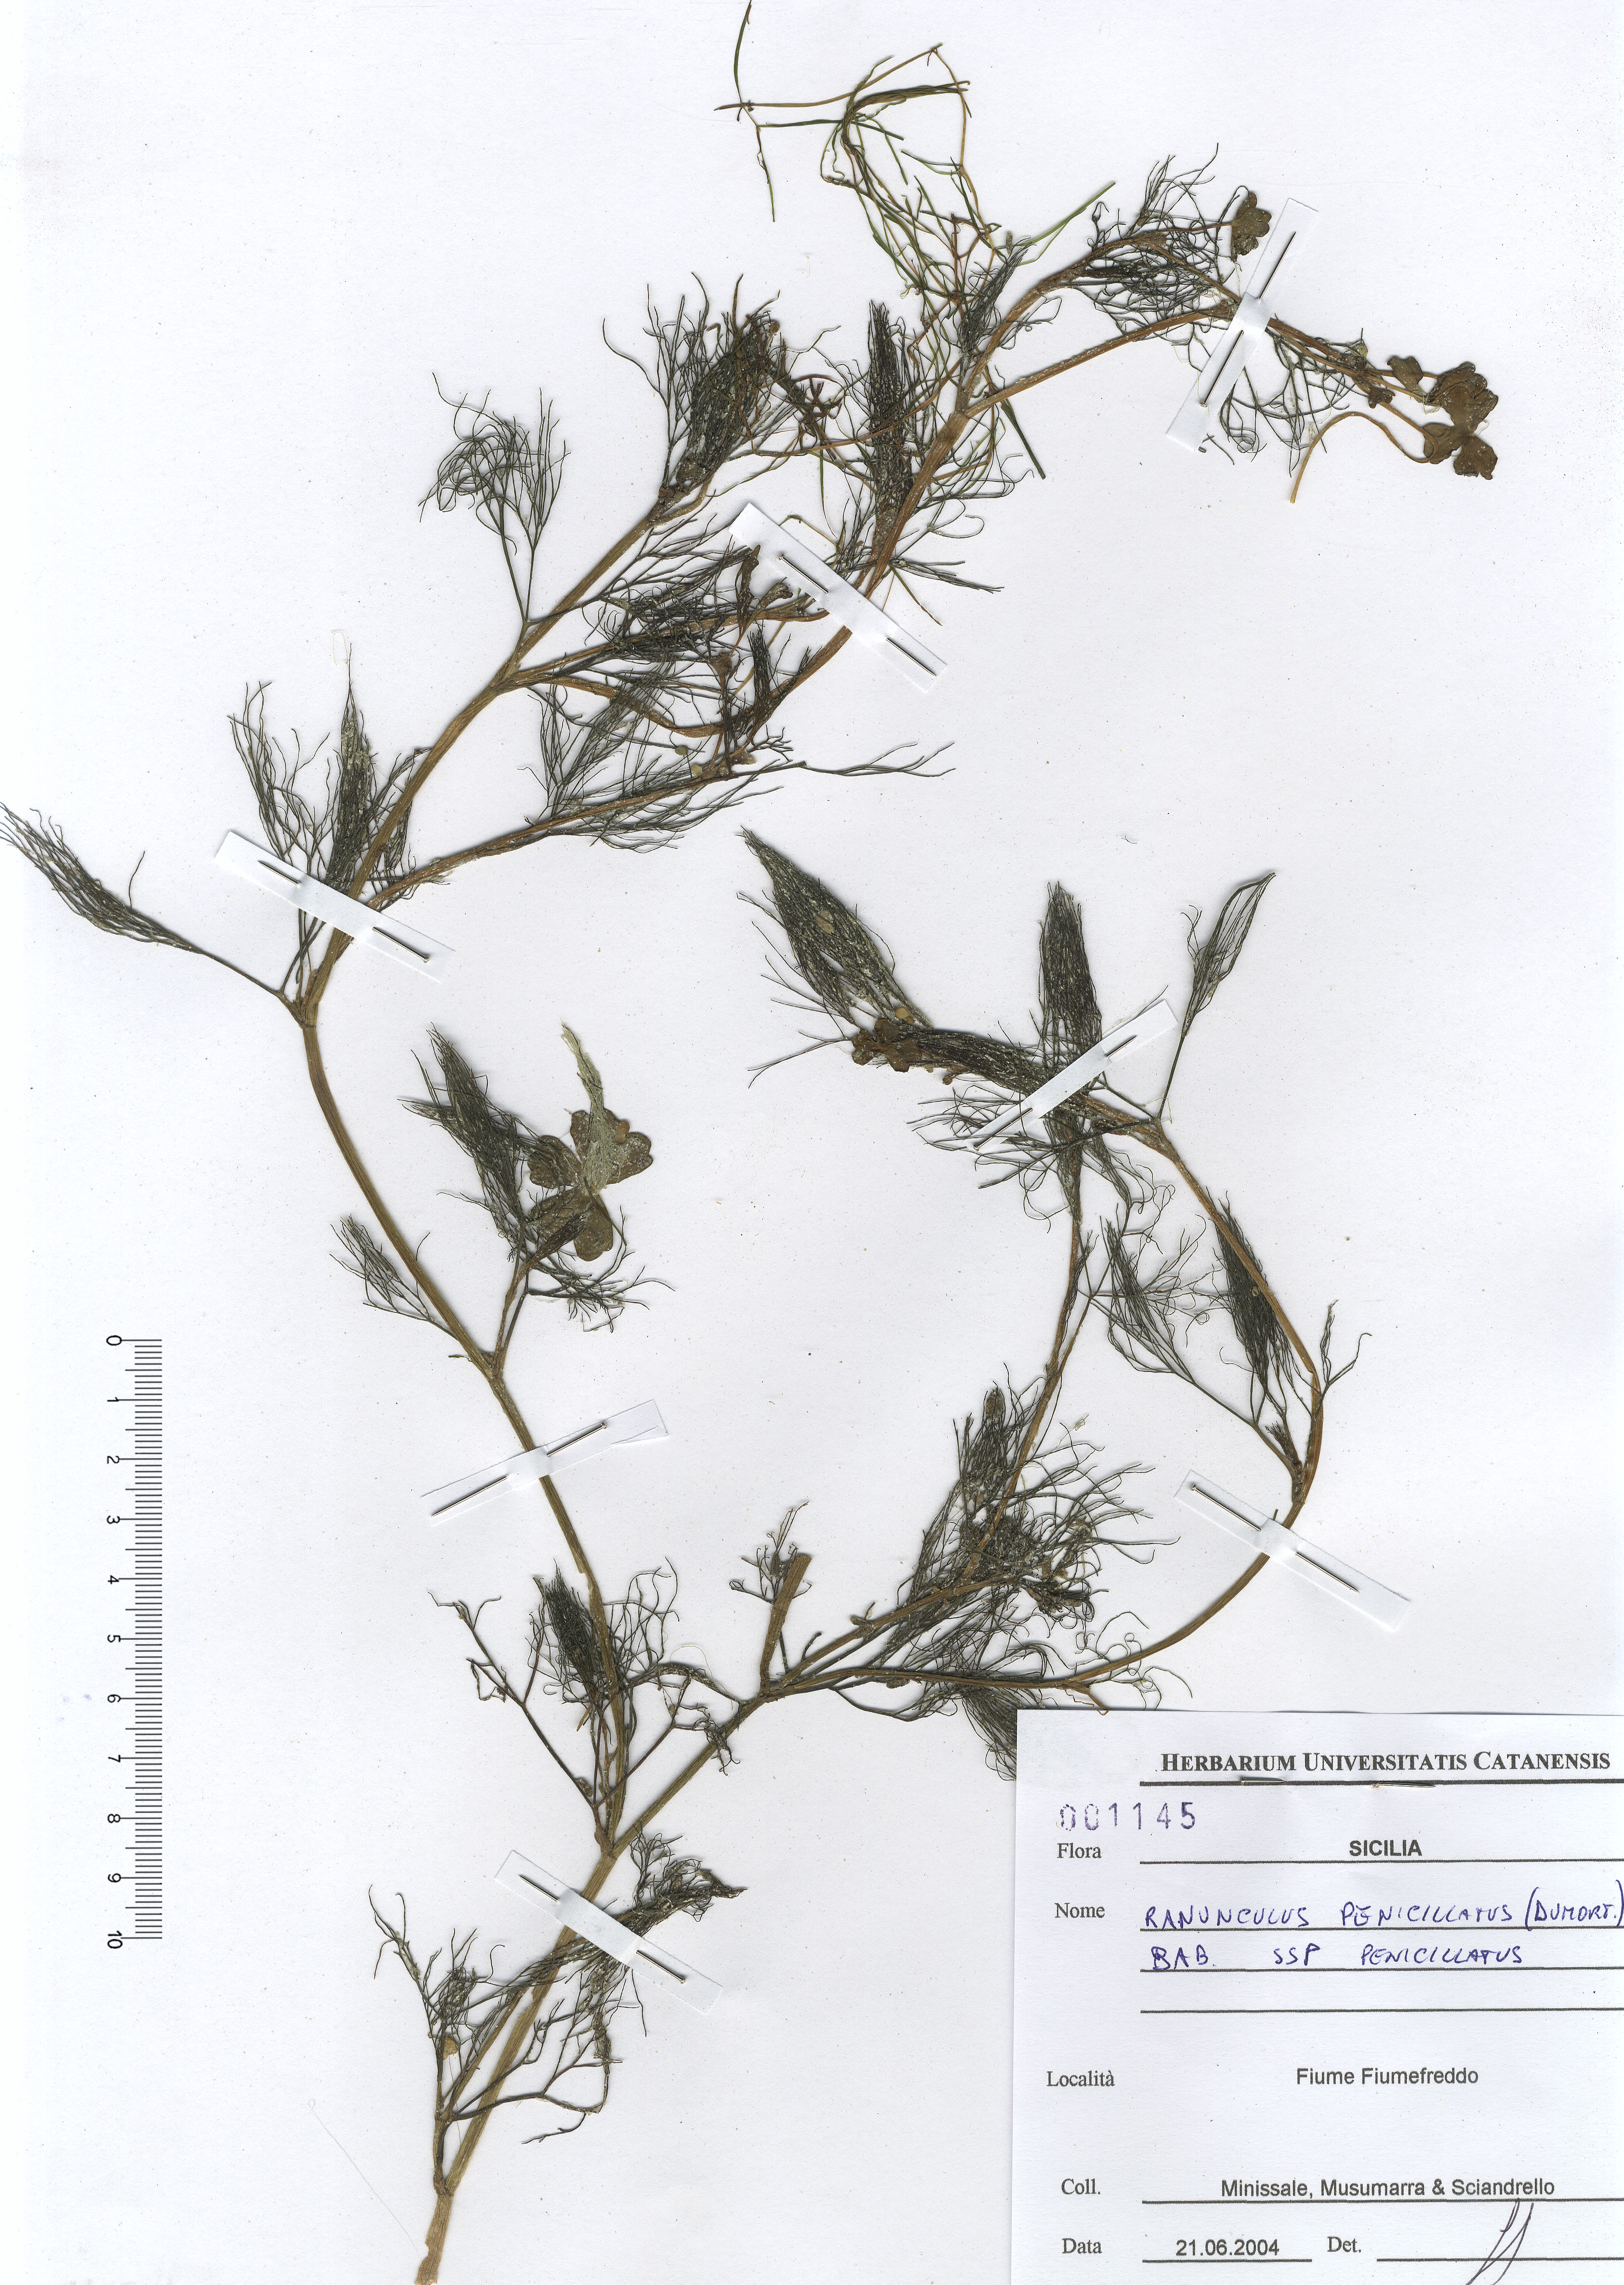 © Hortus Botanicus Catinensis - Herb. sheet 001145<br>